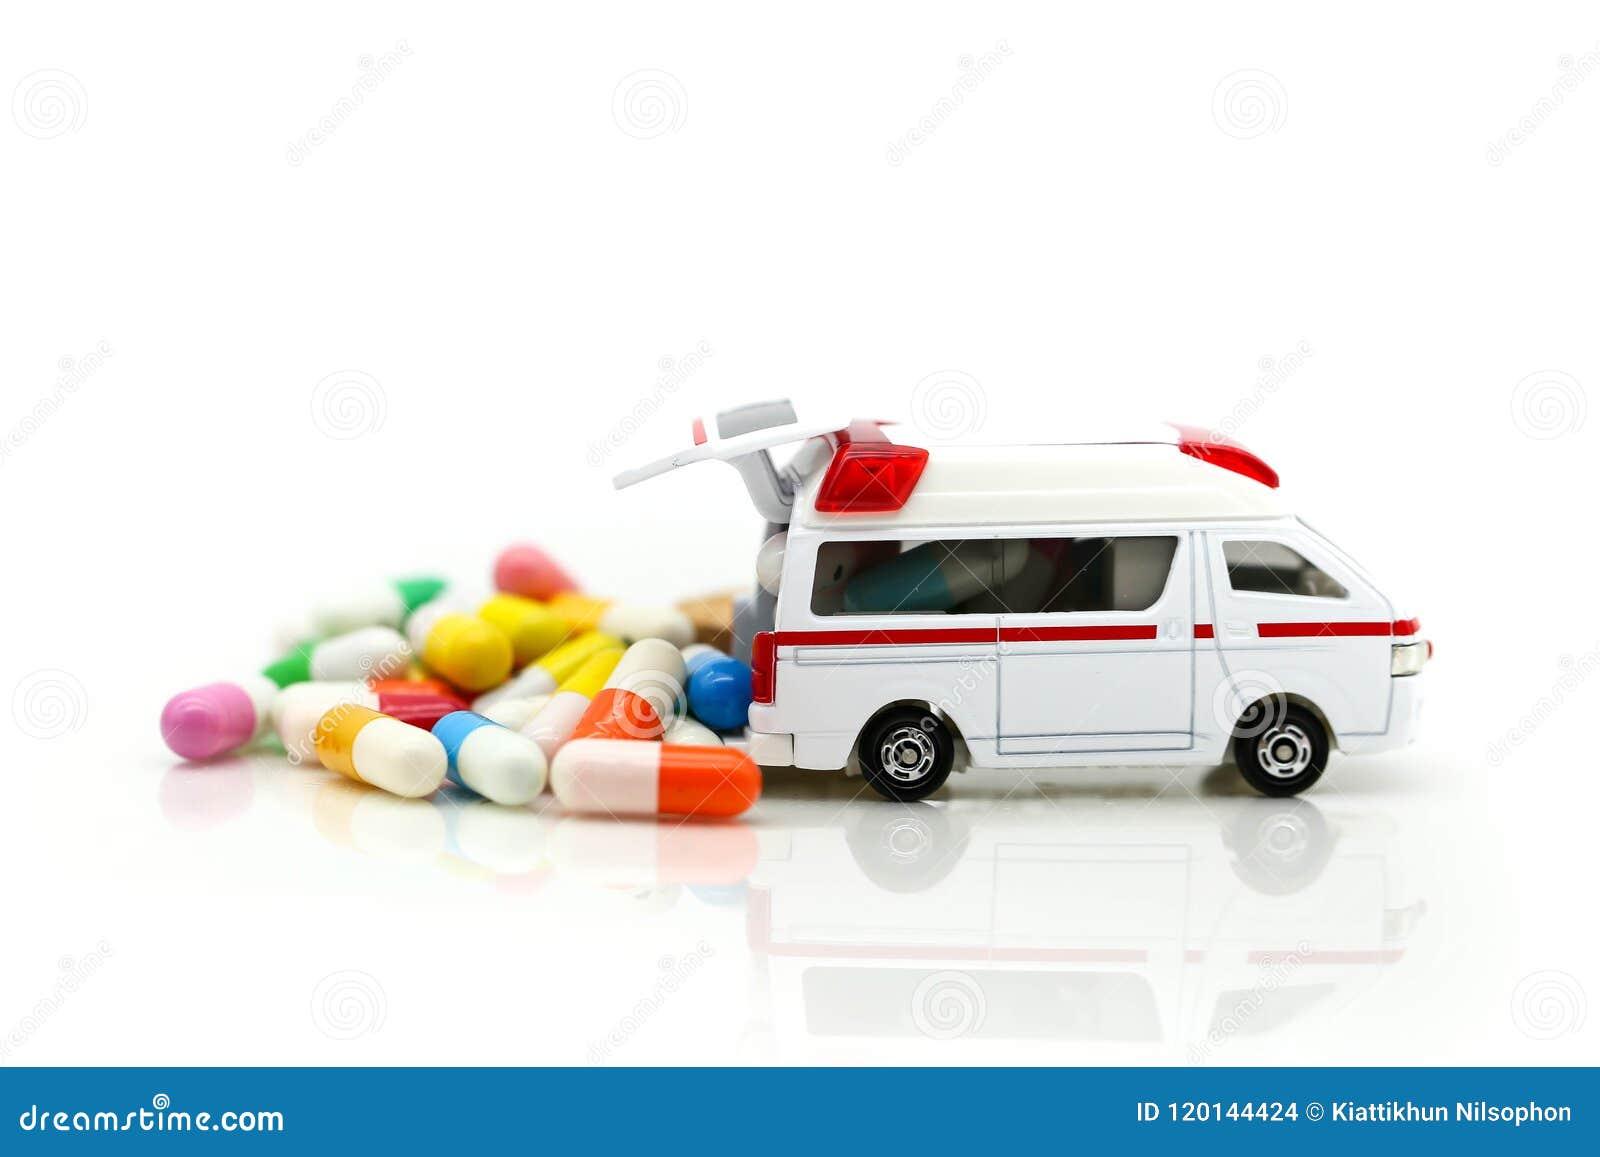 Ziekenwagen met capsuledrug, de gezondheidszorg van de Geneeskundeziekenwagen concep